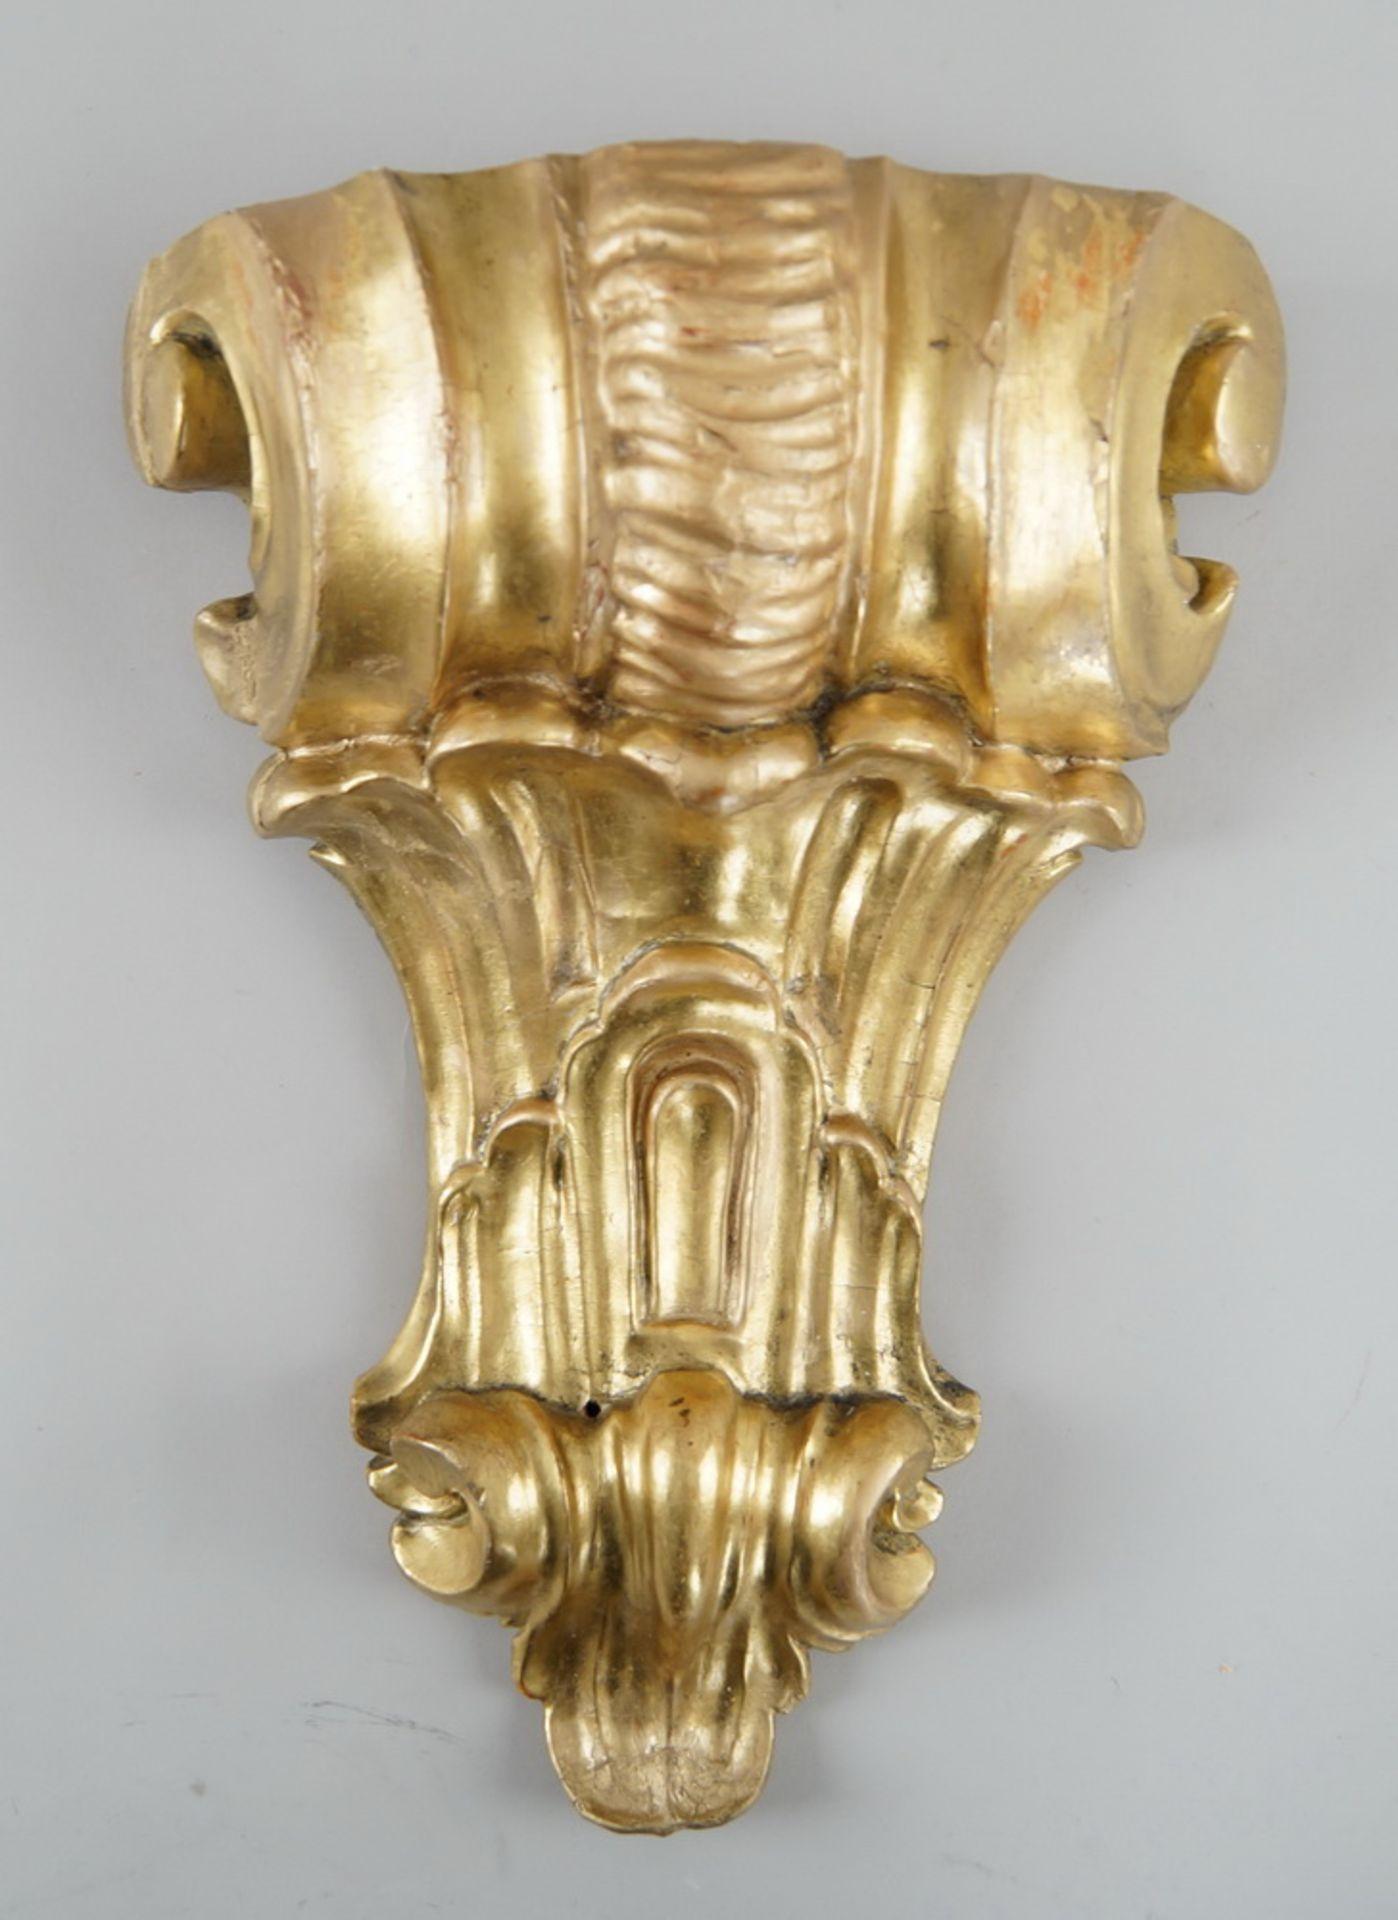 Los 29 - Prunkvolle Wandkonsole, Holz geschnitzt und vergoldet, 40x30x11cm